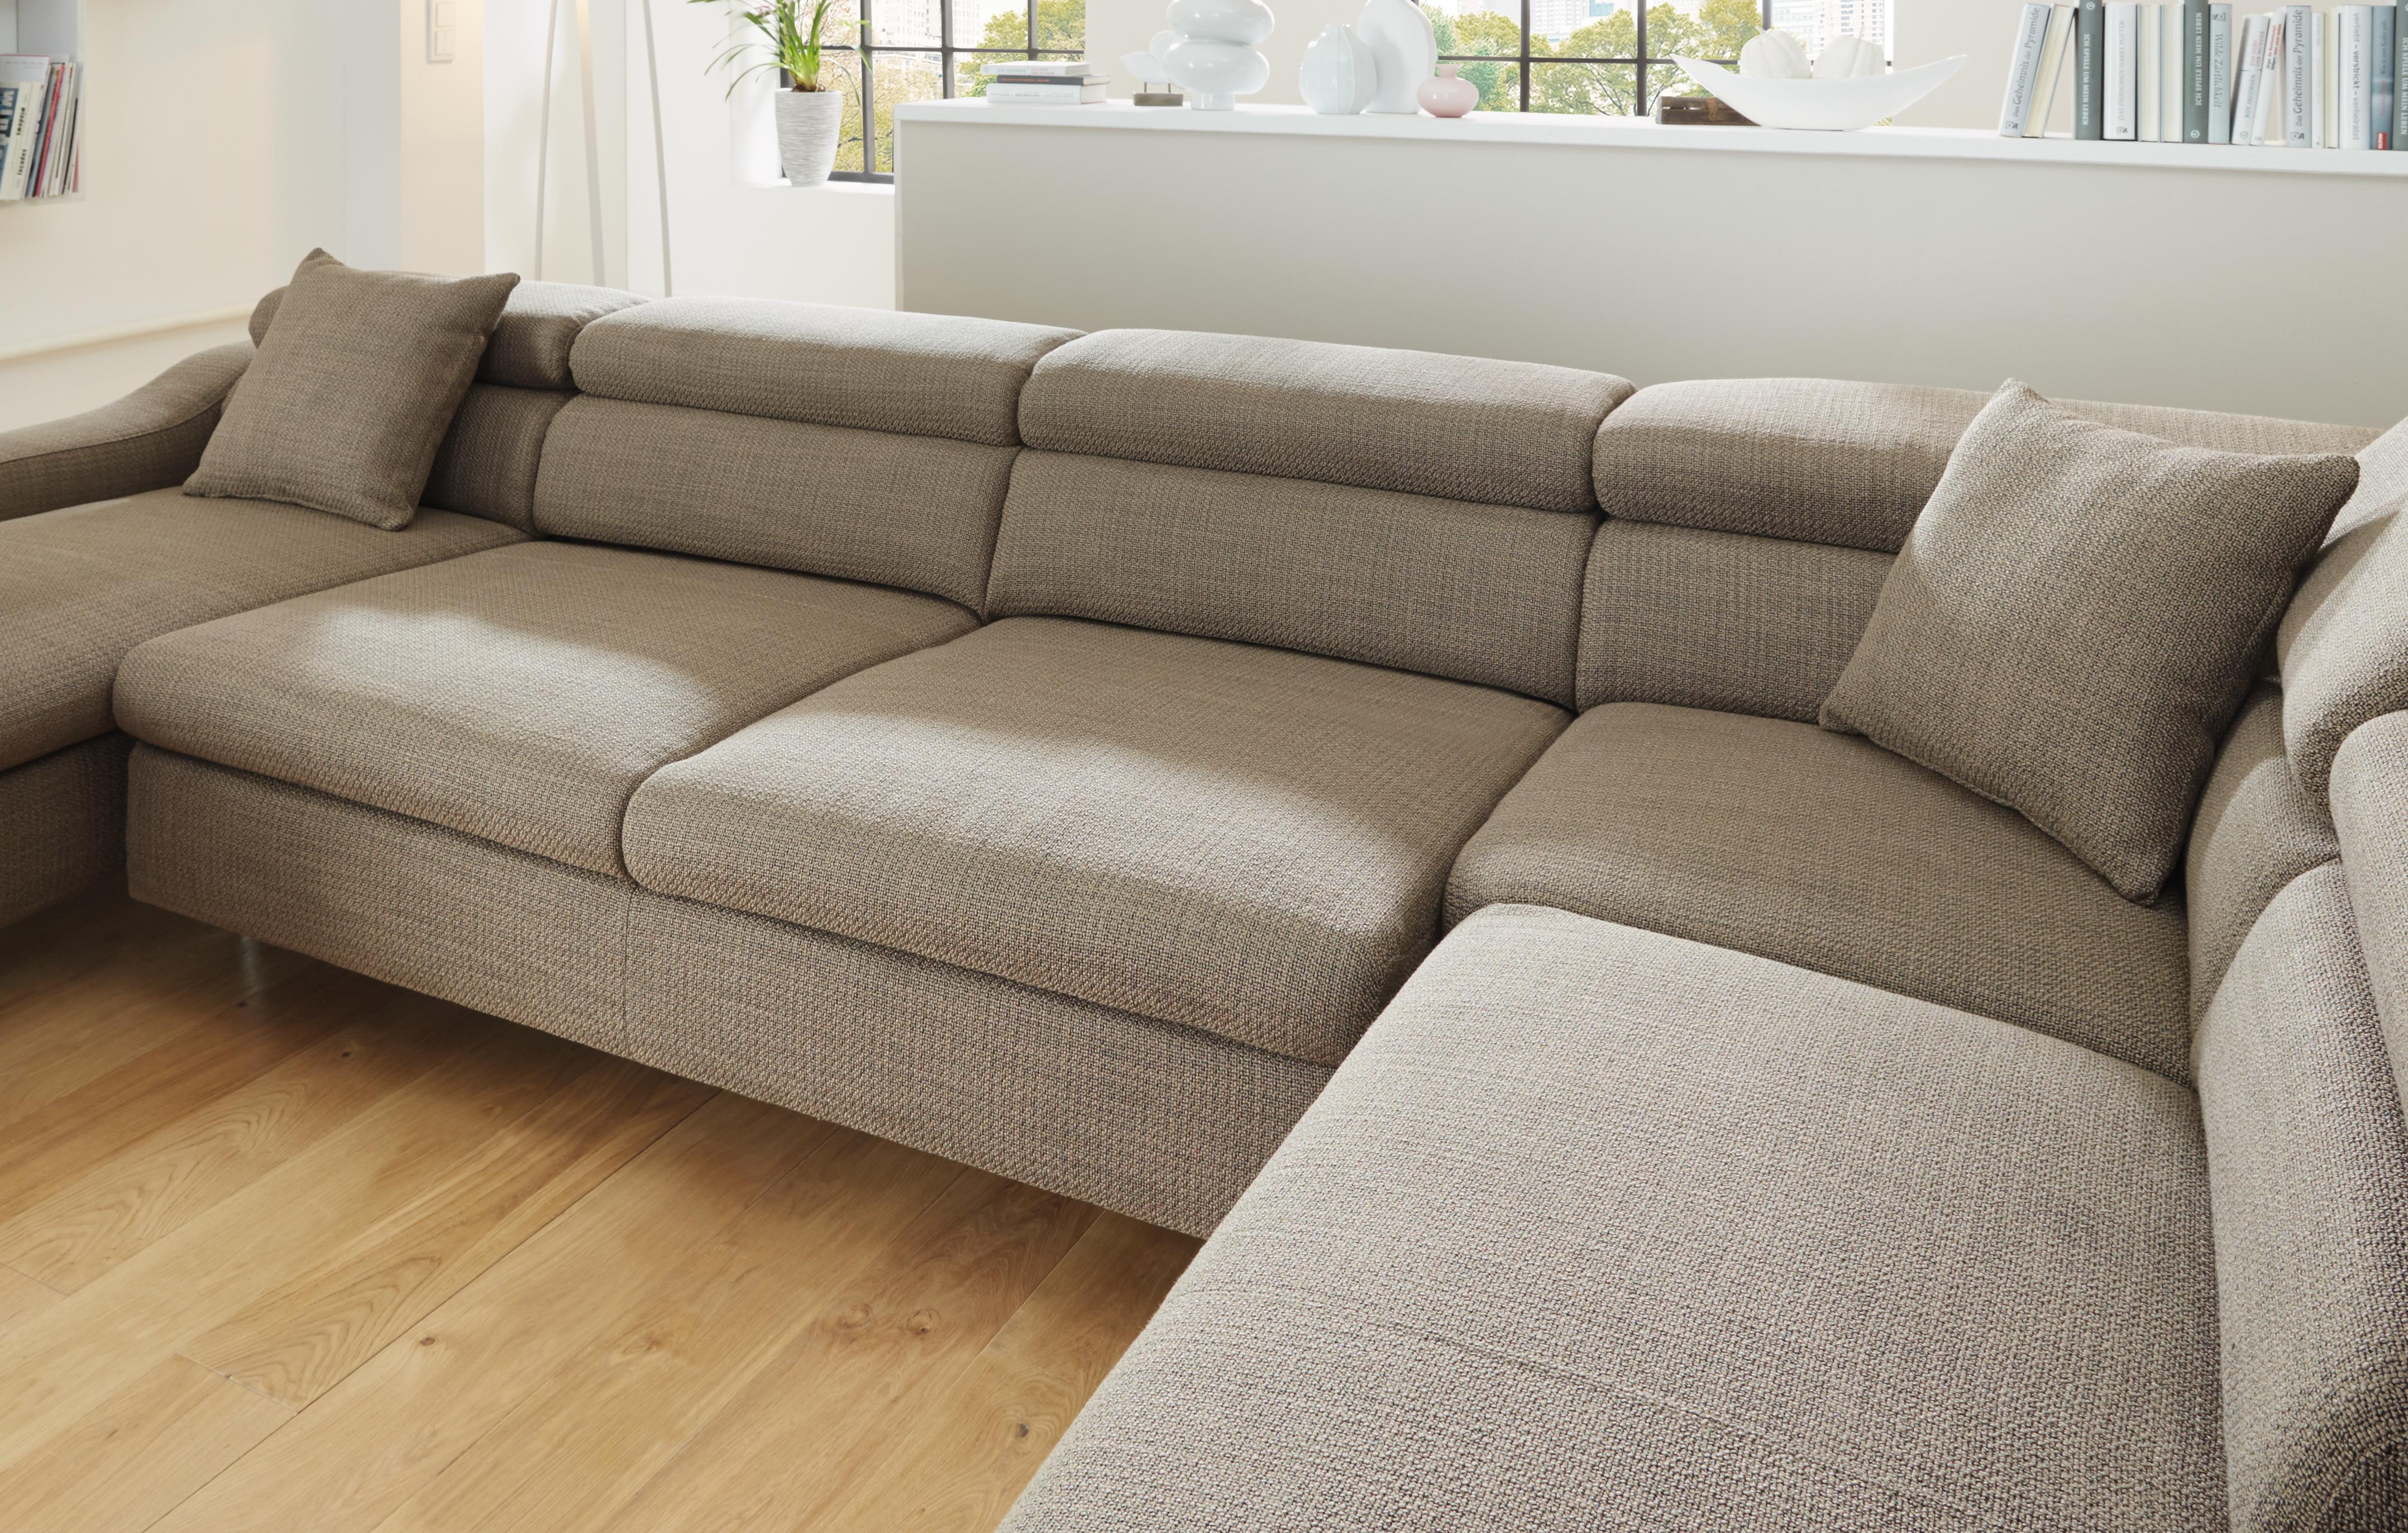 Musterring Sofa  musterring sofa – Deutsche Dekor 2017 – line Kaufen